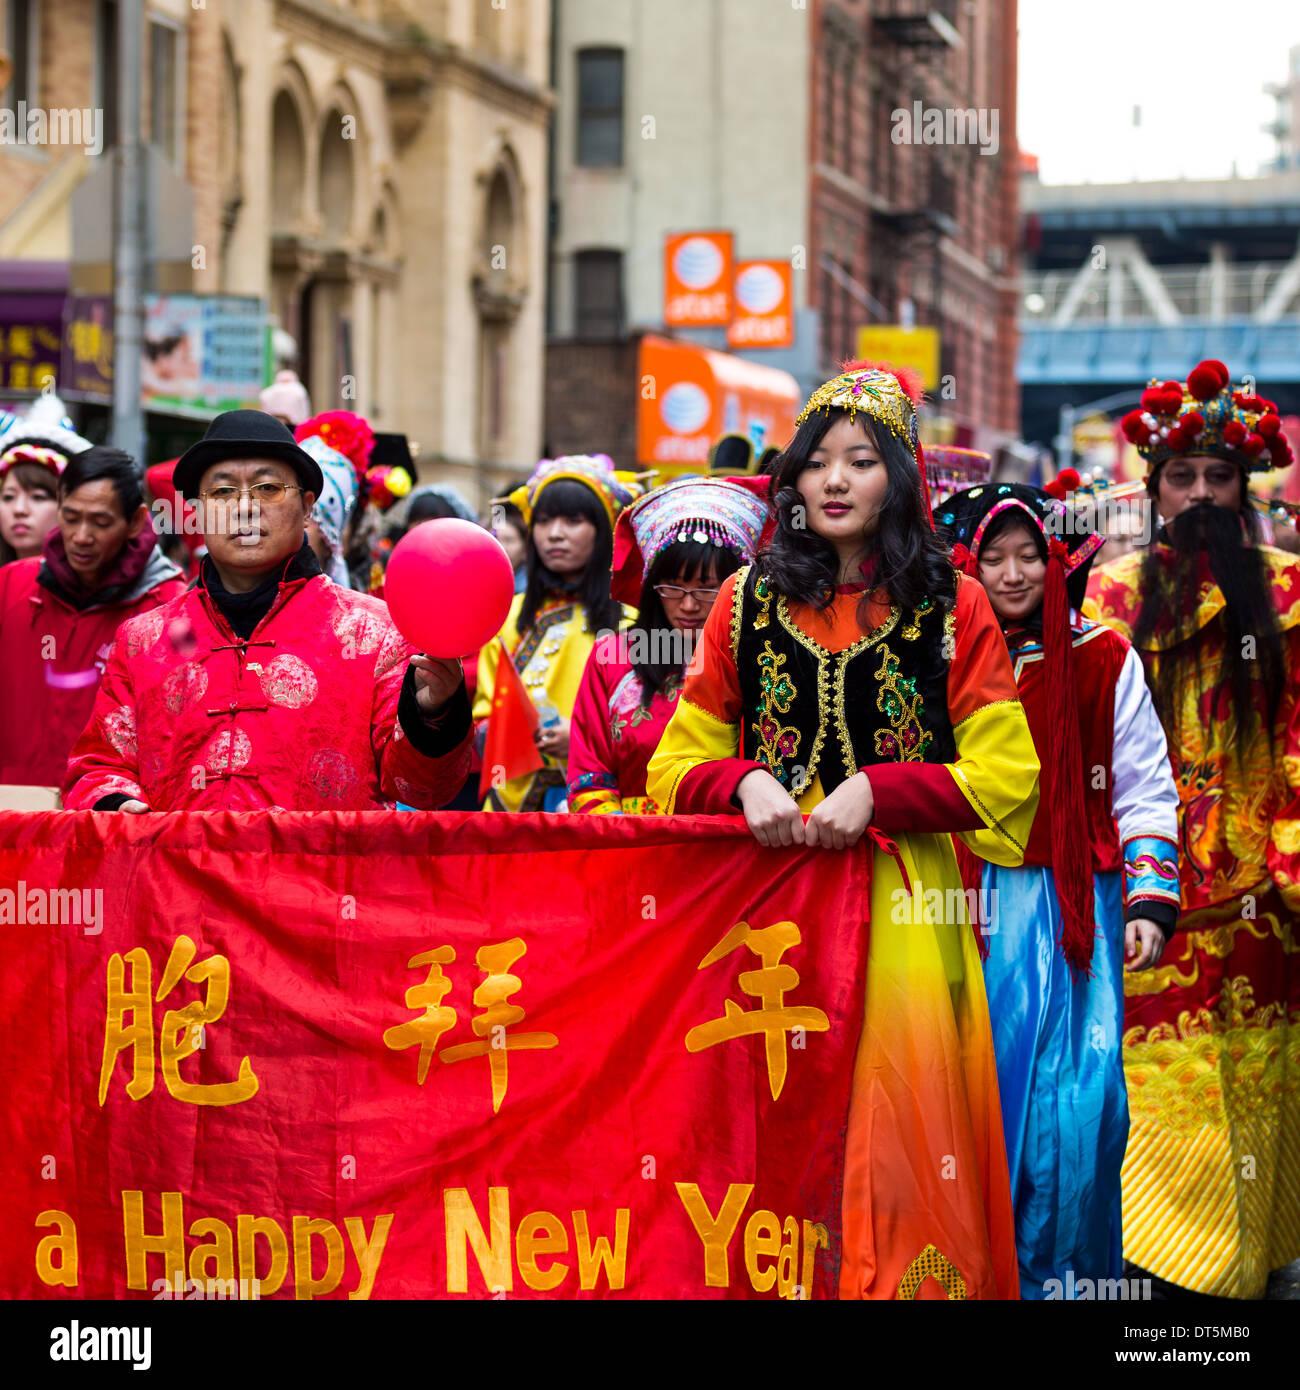 Gli americani cinesi in costumi tradizionali parade presso il nuovo anno lunare Festival in Chinatown. Immagini Stock